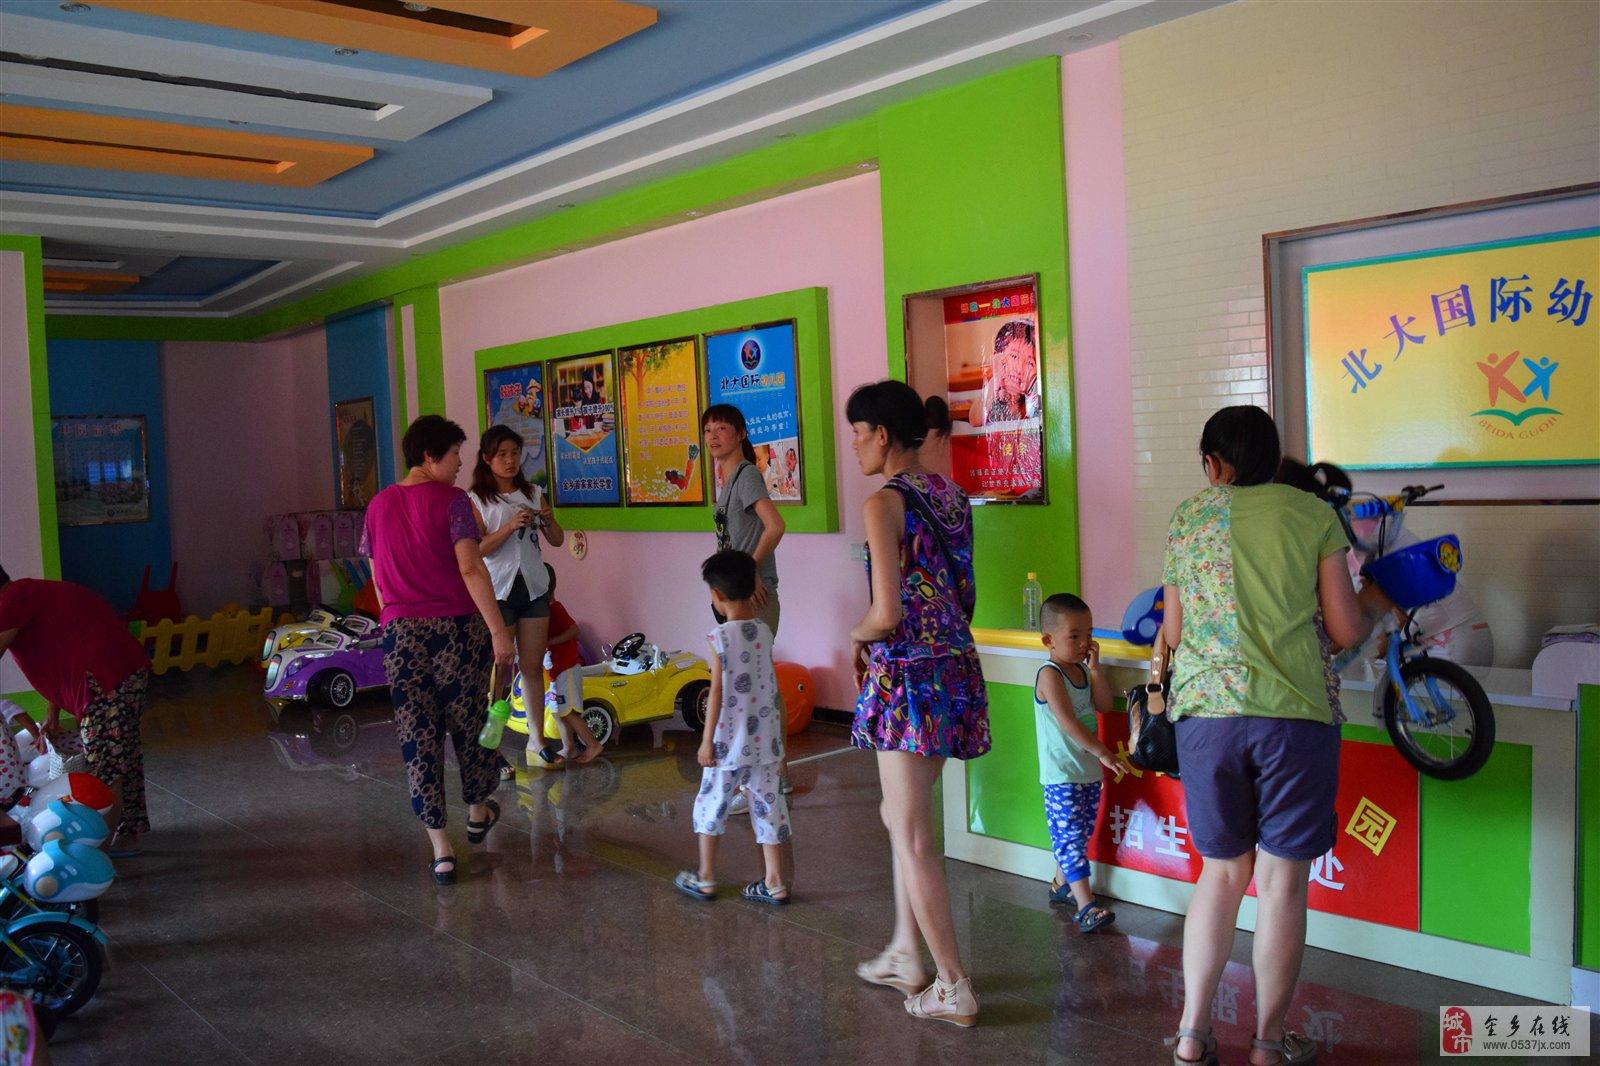 北大国际幼儿园开始招生啦!